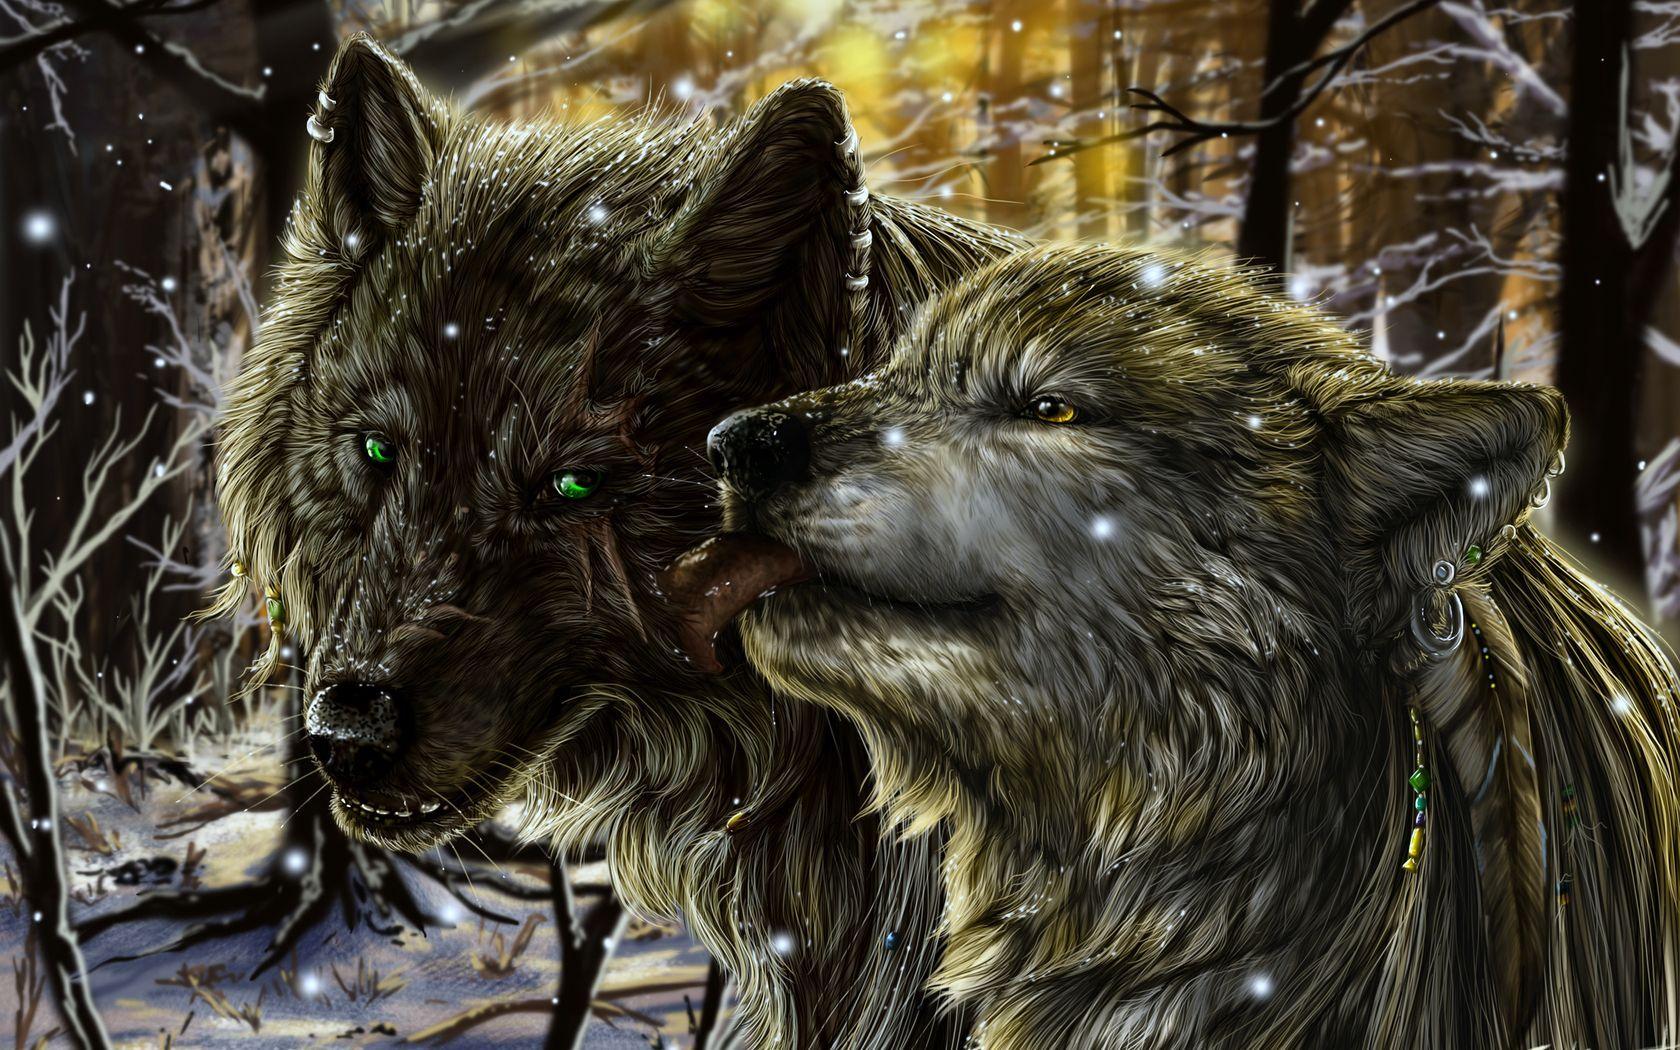 картинки с волками с чем-нибудь только белле исполнилось